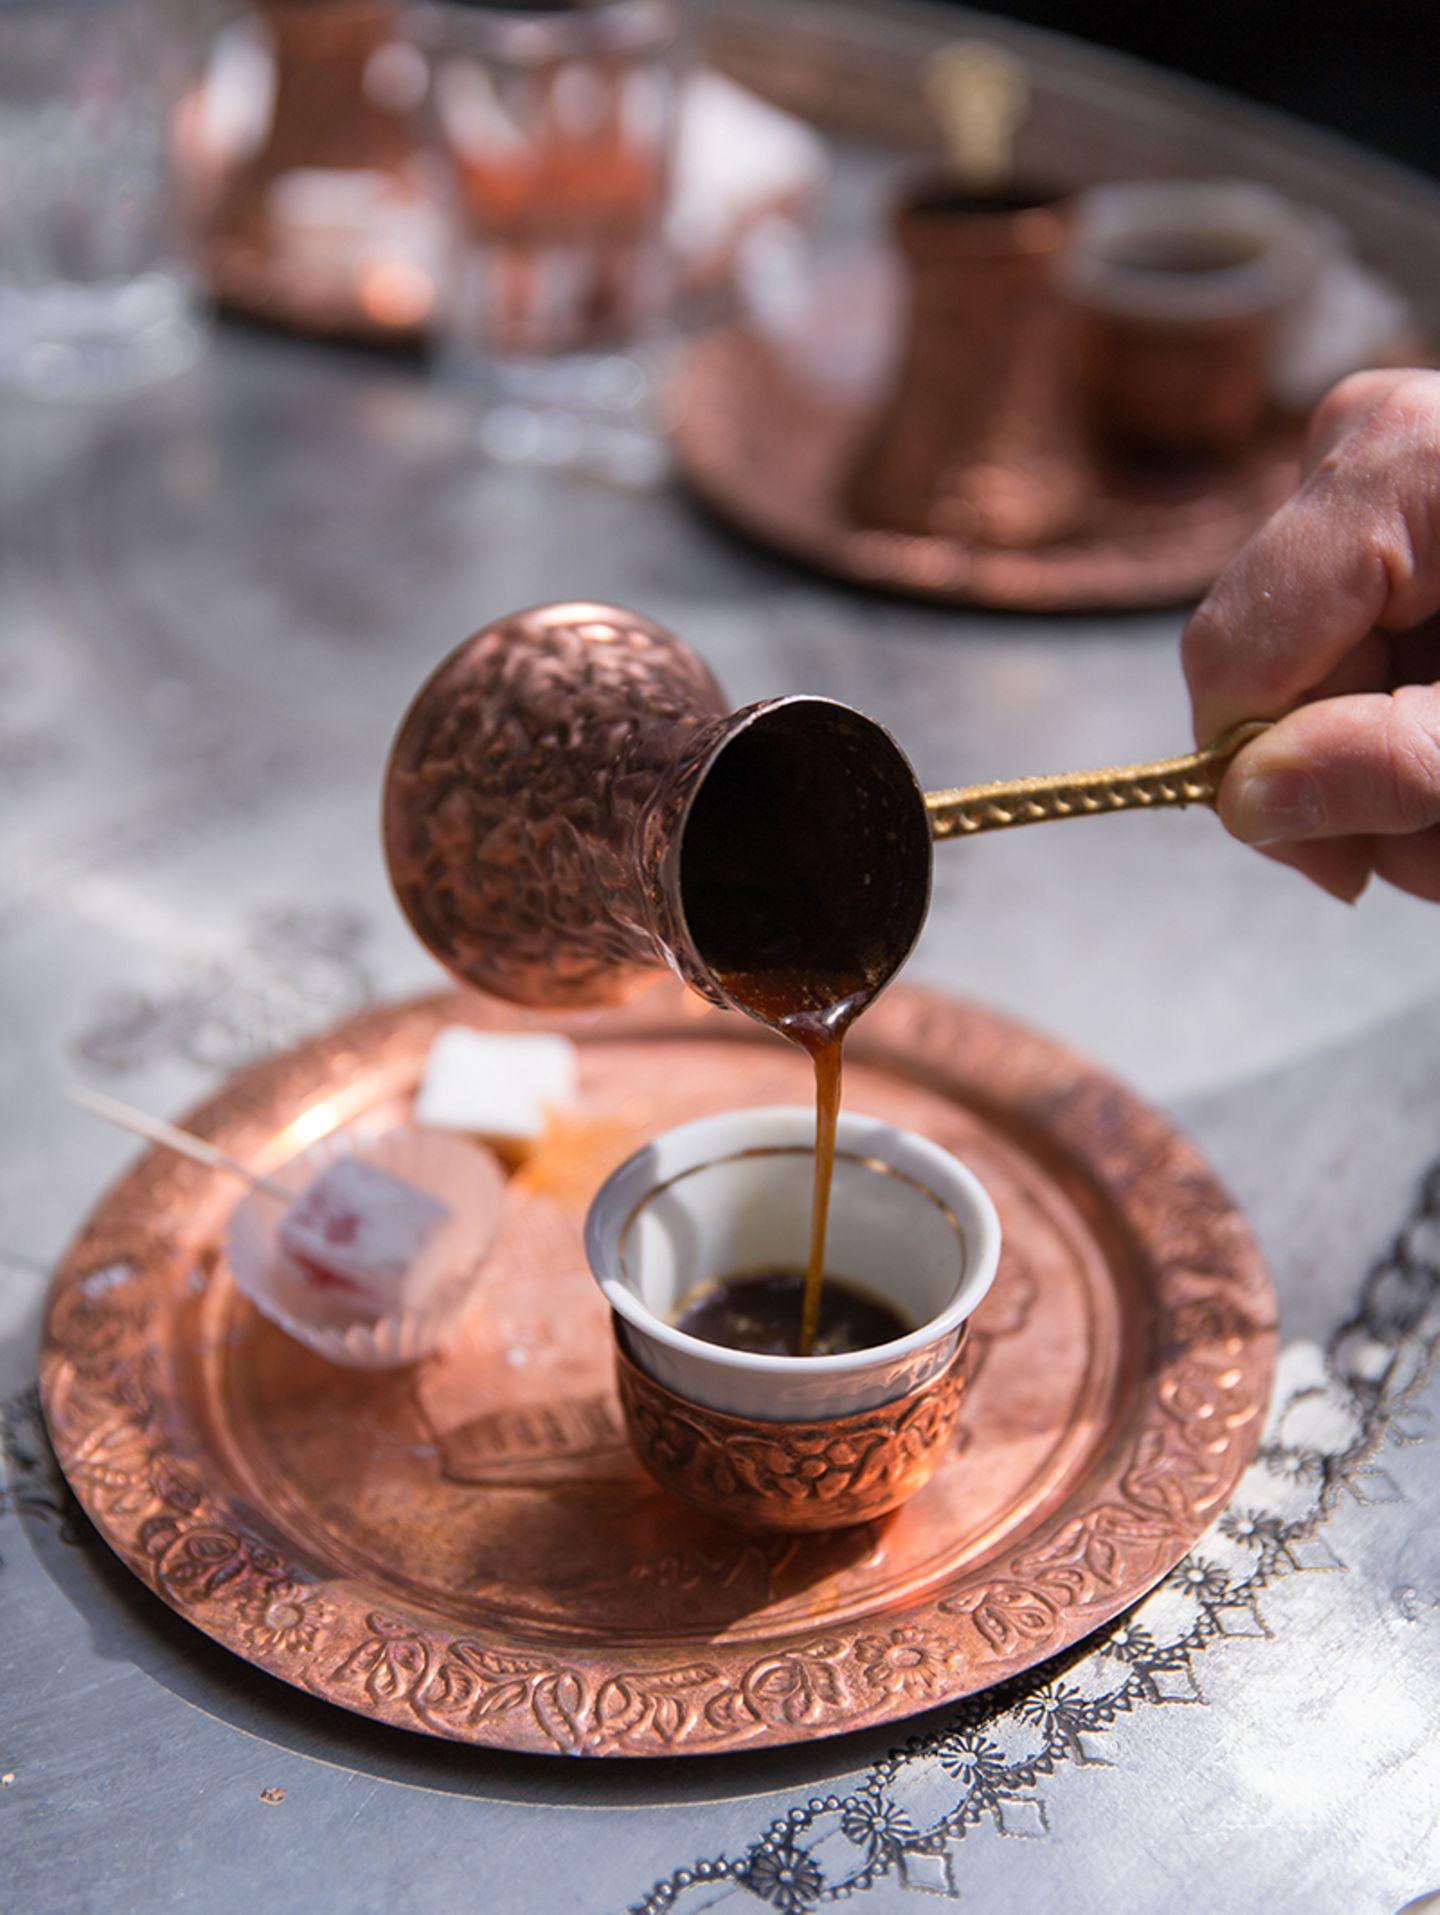 Türkei, Kaffee aus dem Ibrik